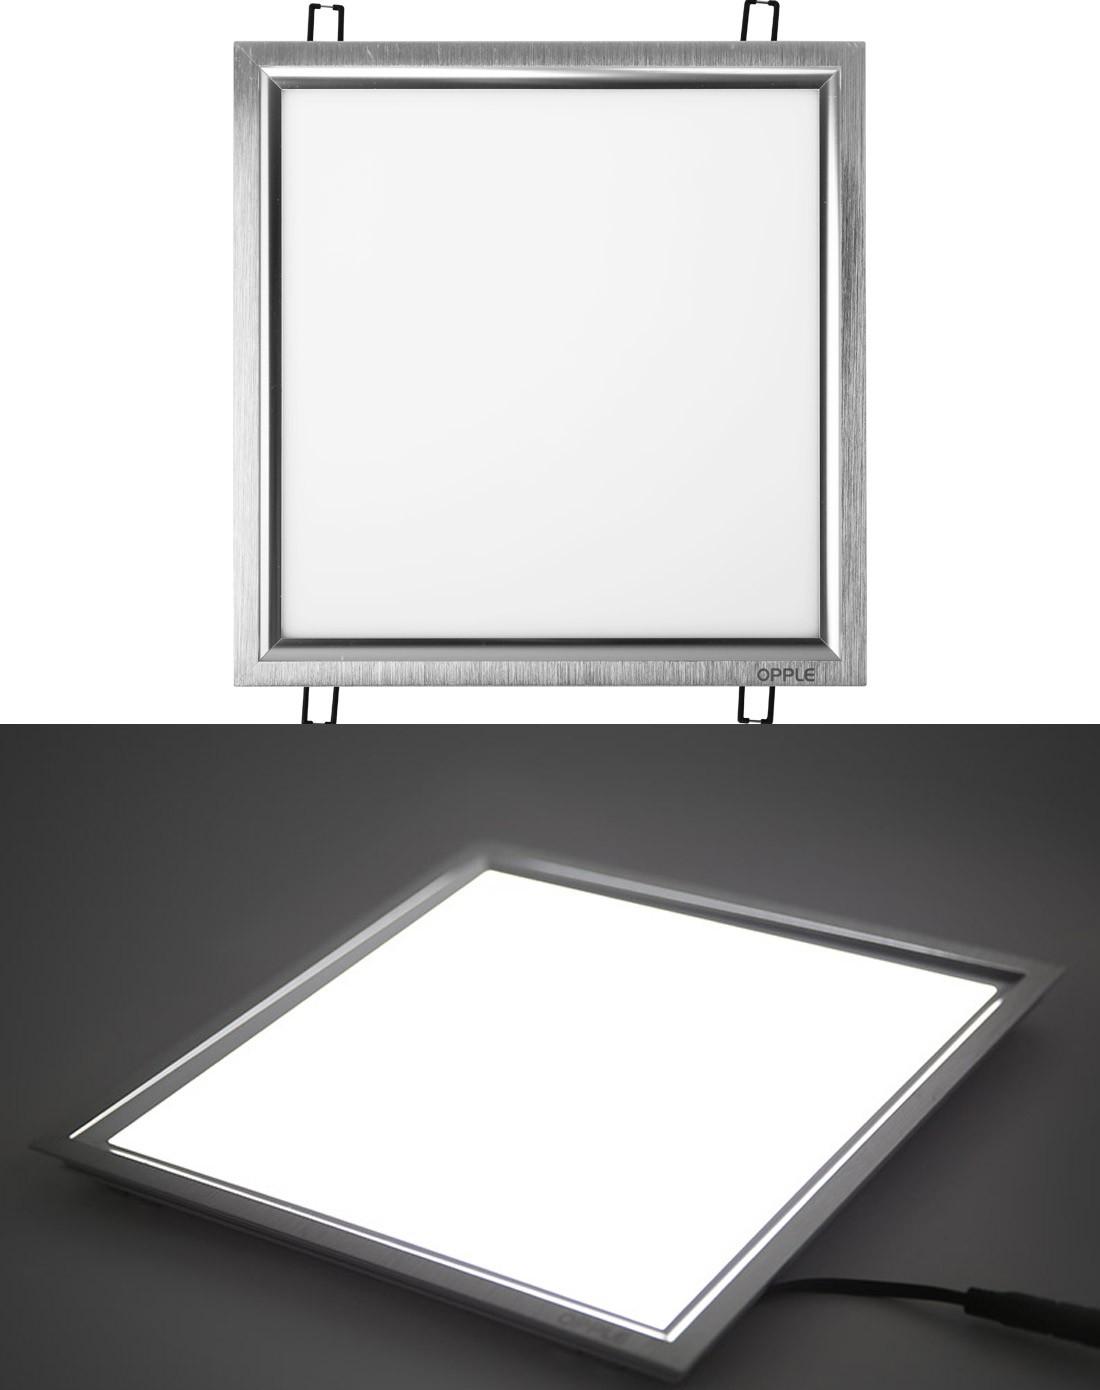 灯 灯具 灯饰 设计 矢量 矢量图 素材 1100_1390 竖版 竖屏